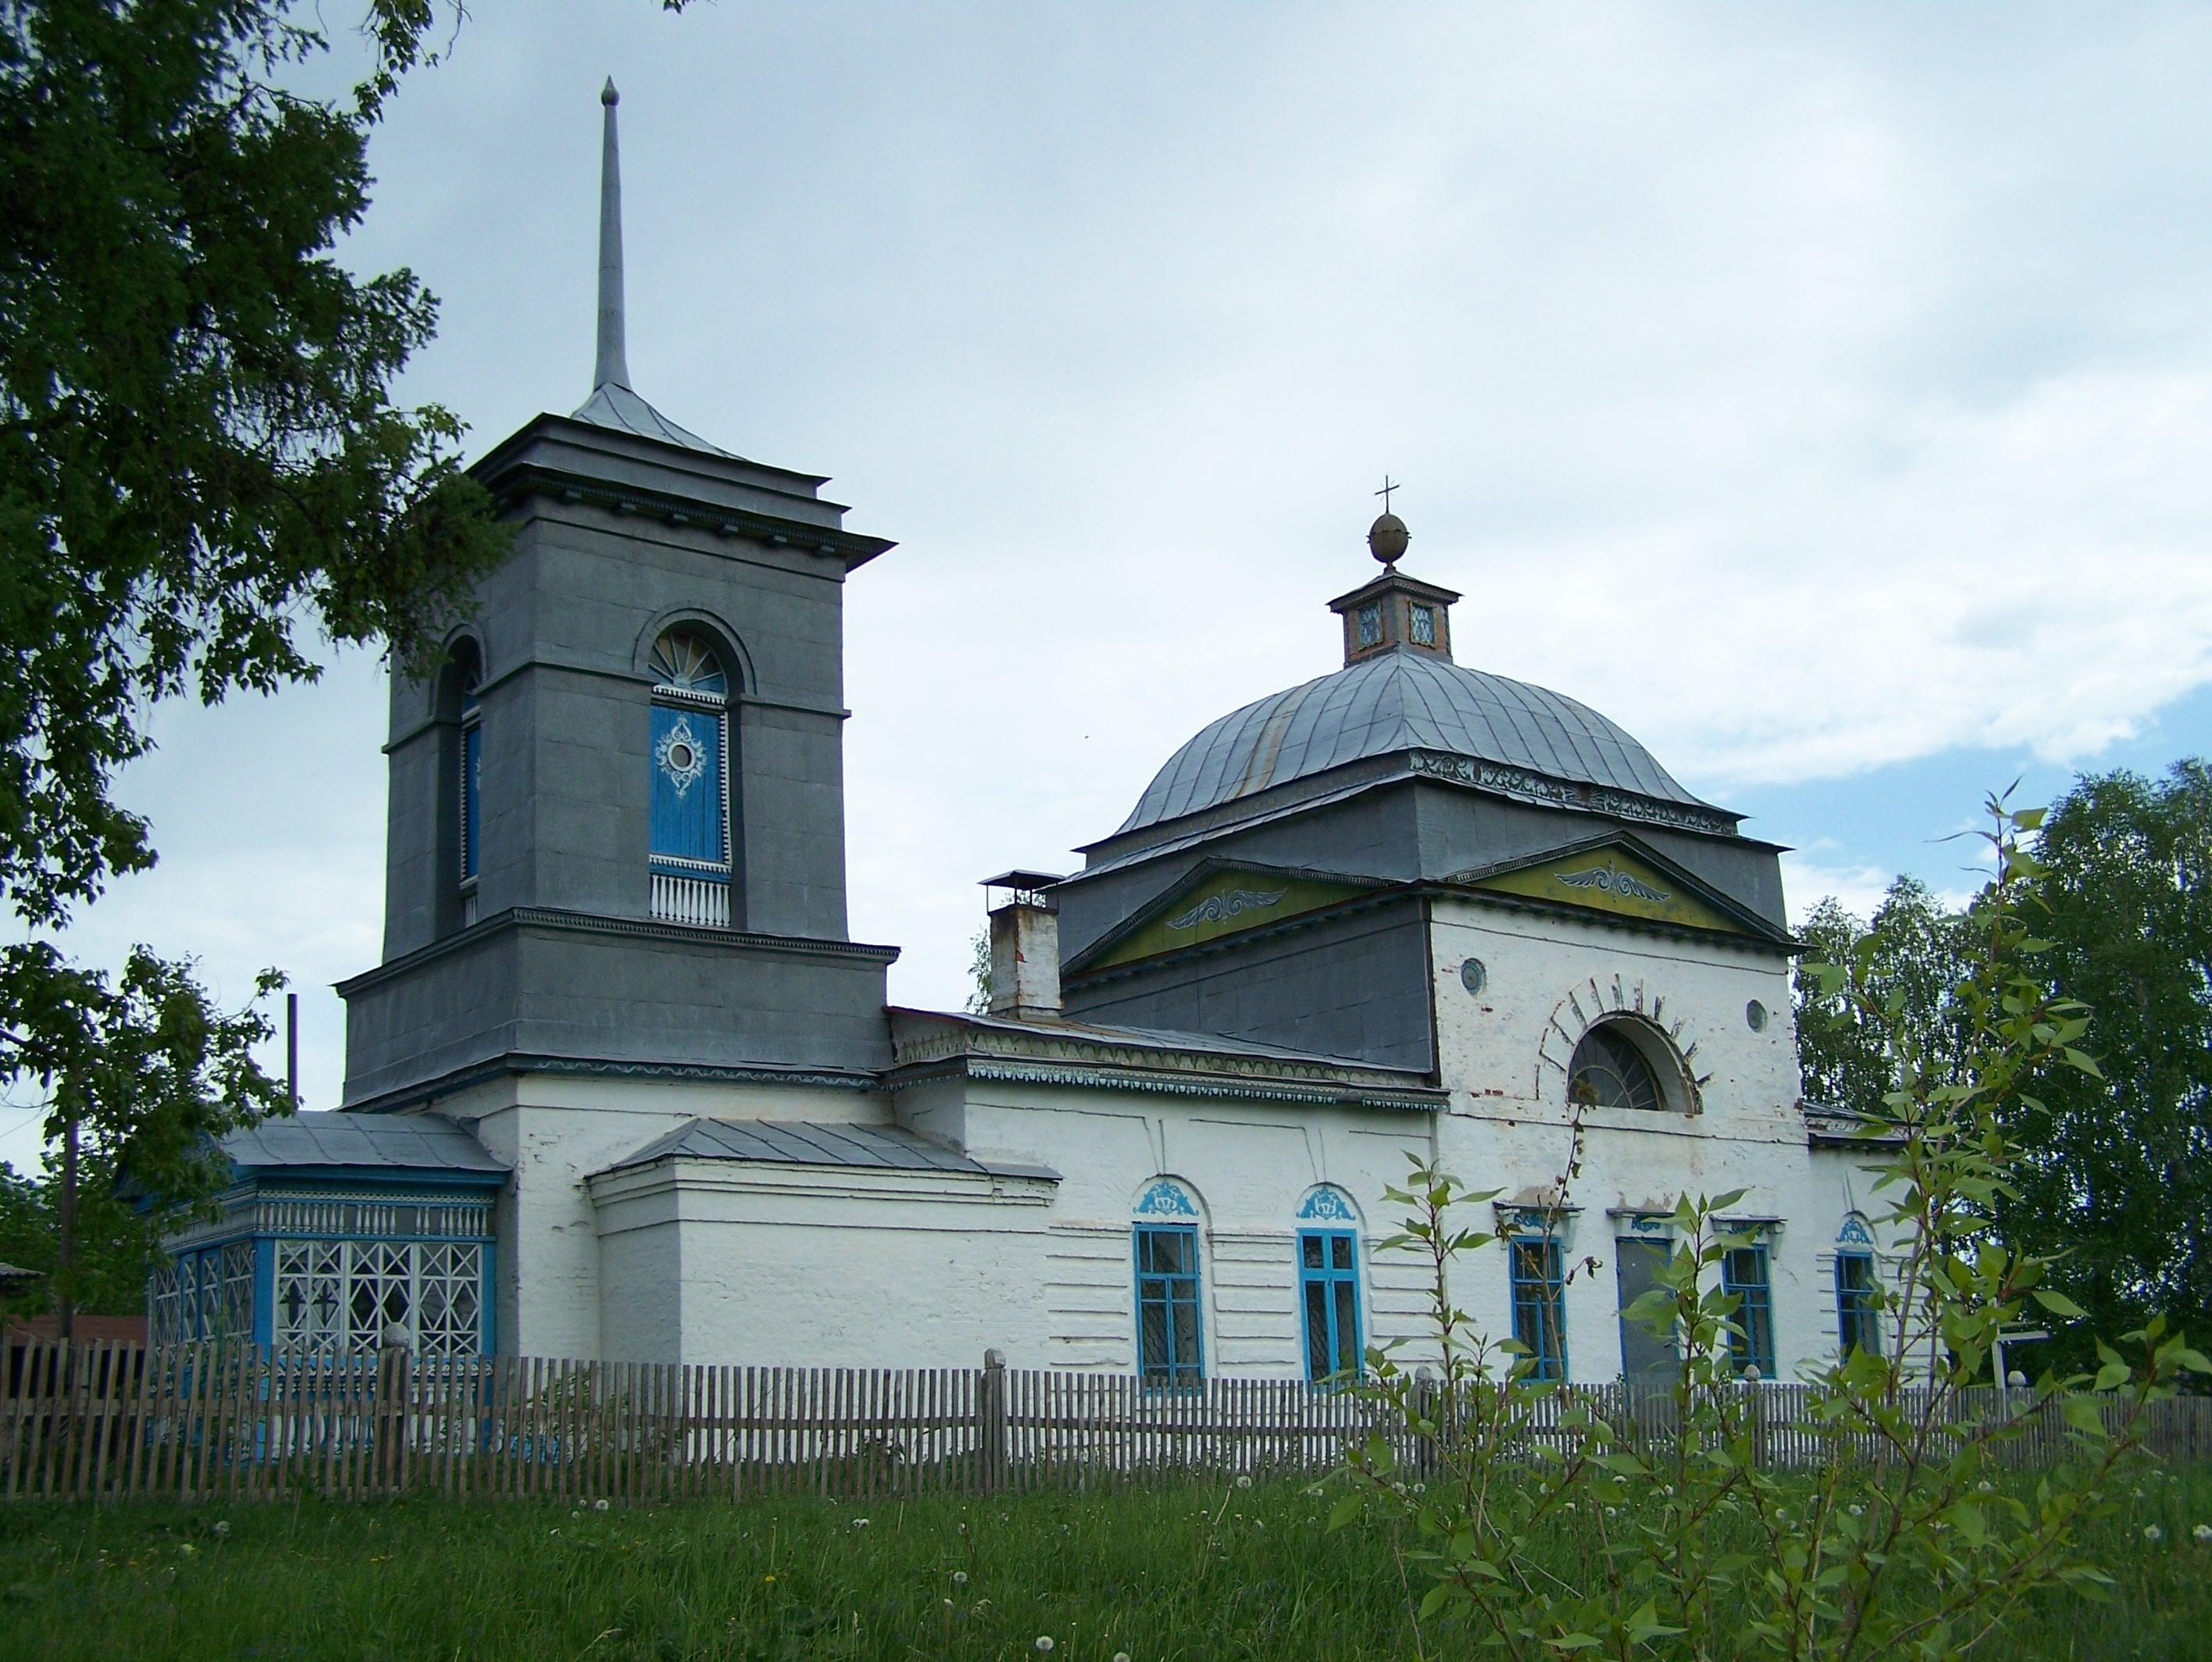 открытки церкви октябрьского района пермского края